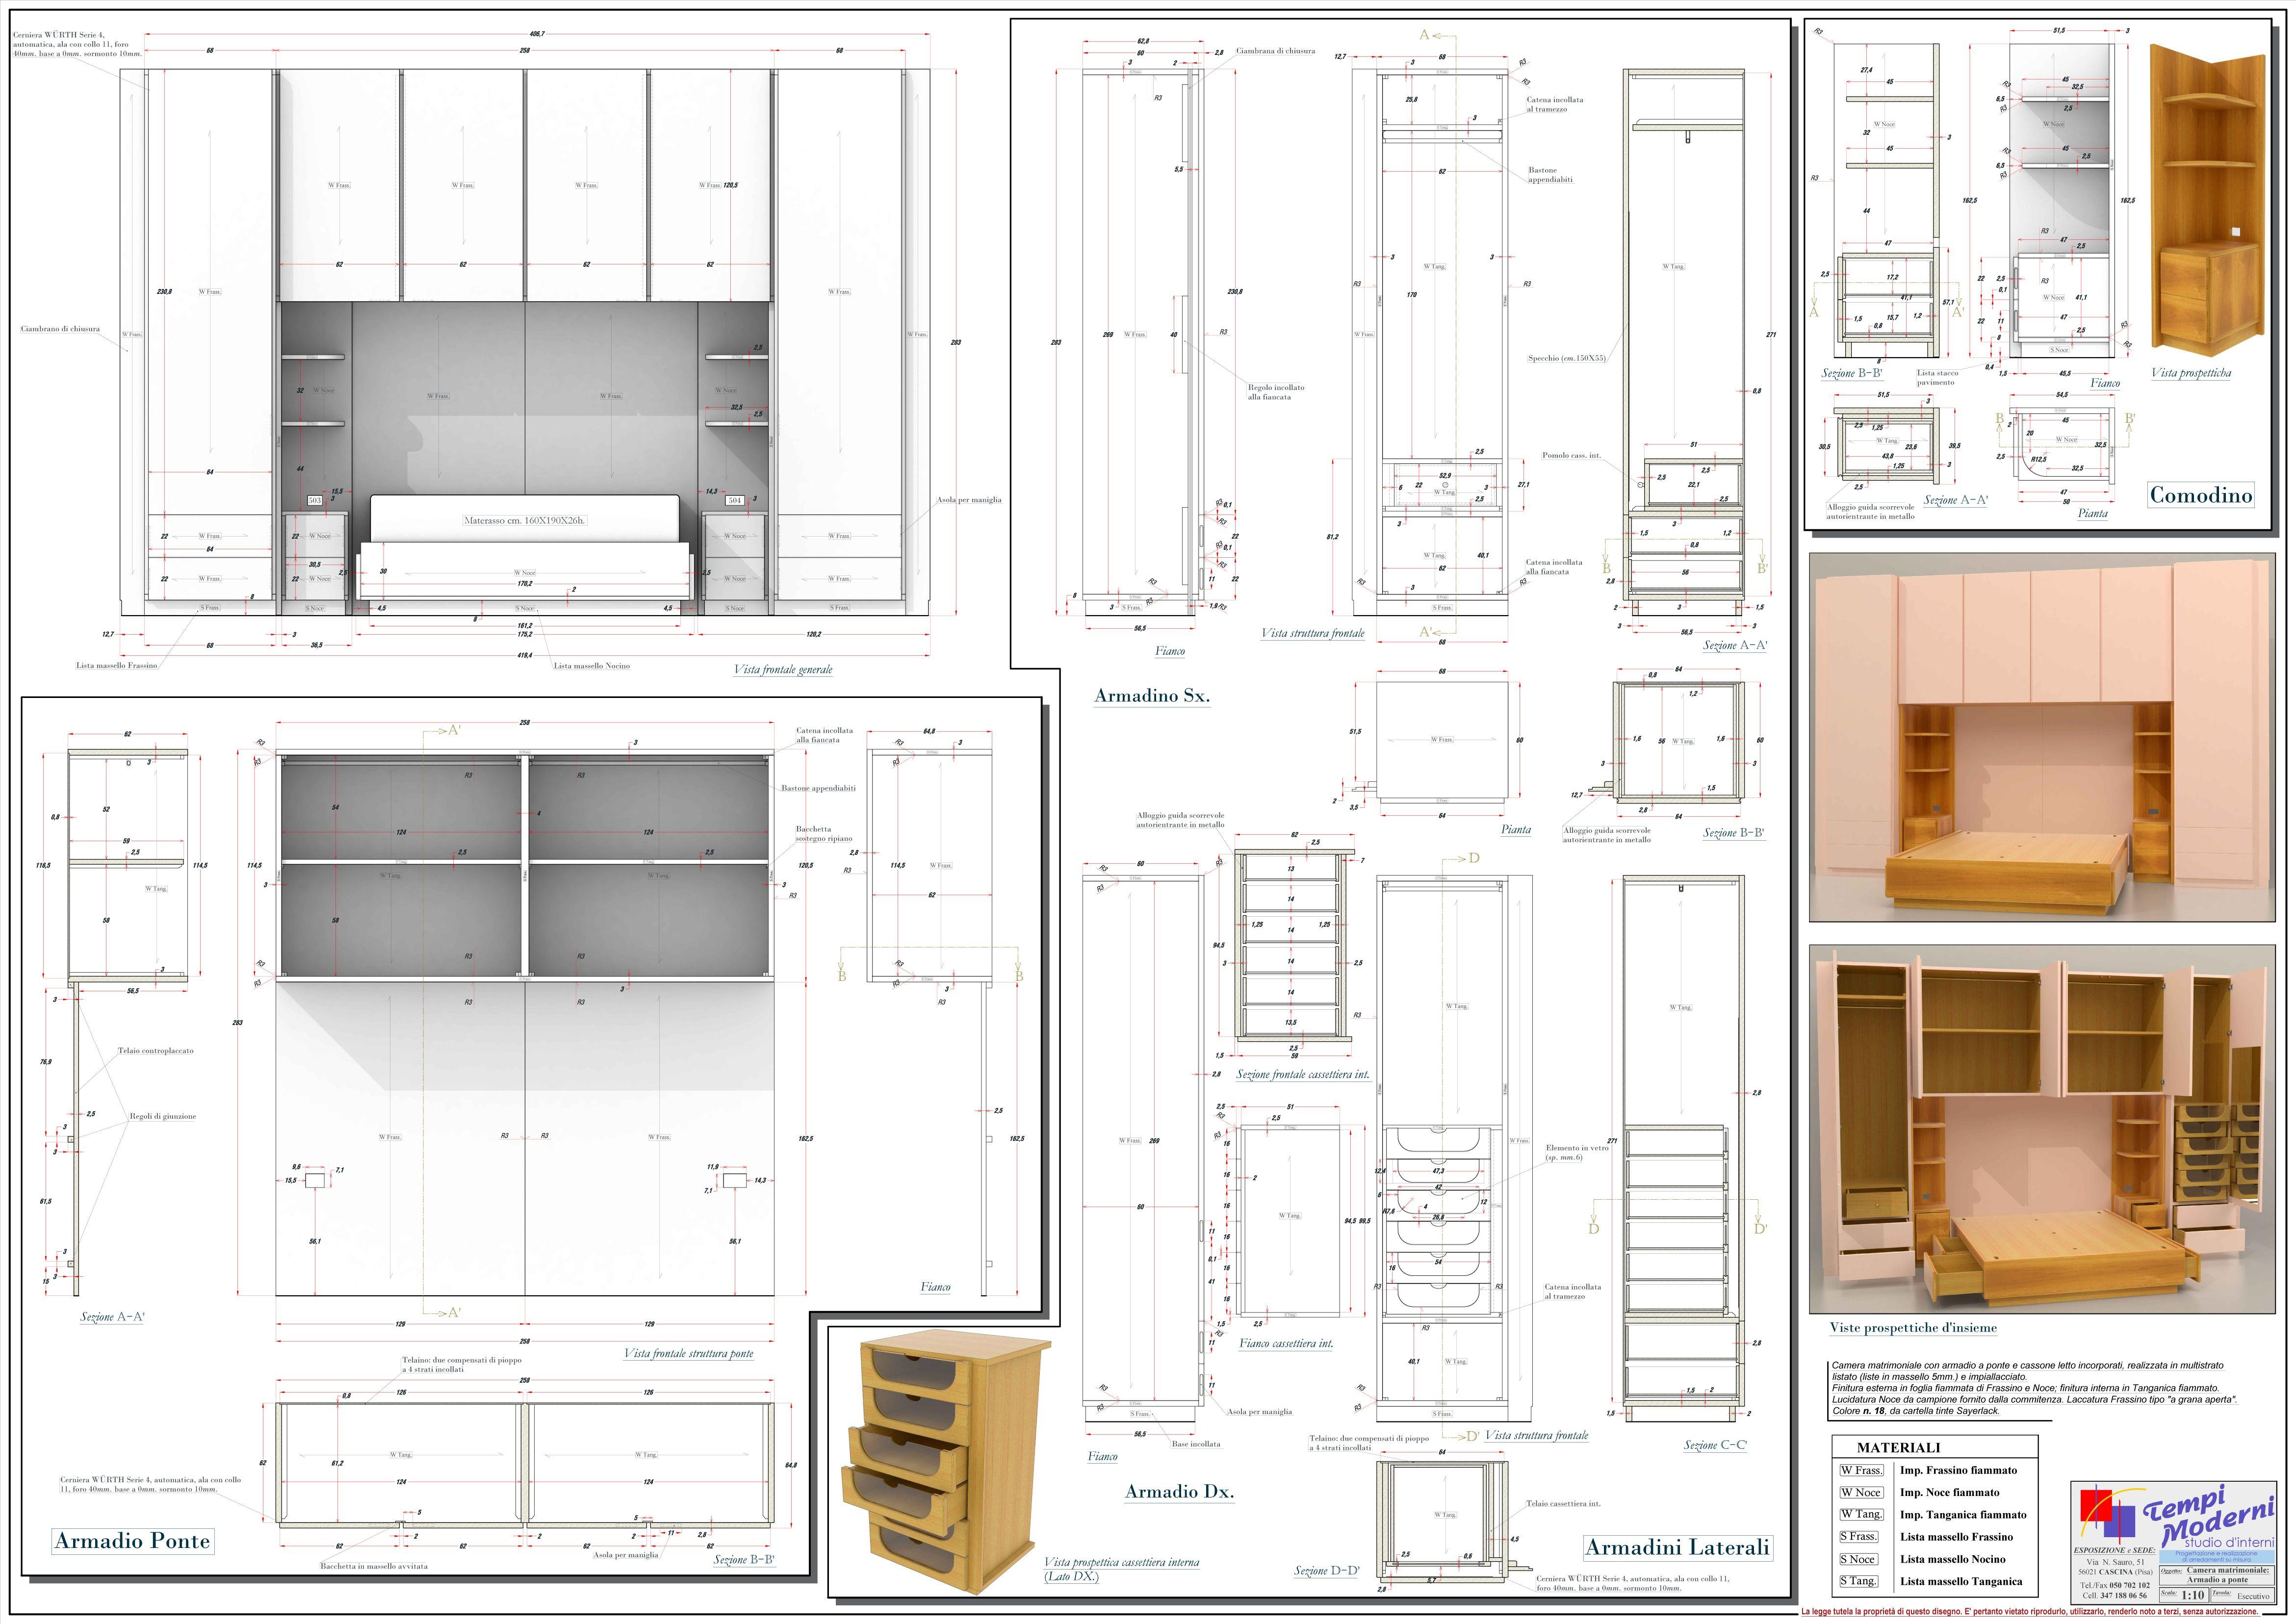 Disegno esecutivo armadio a ponte | Progetti e Disegni | Pinterest